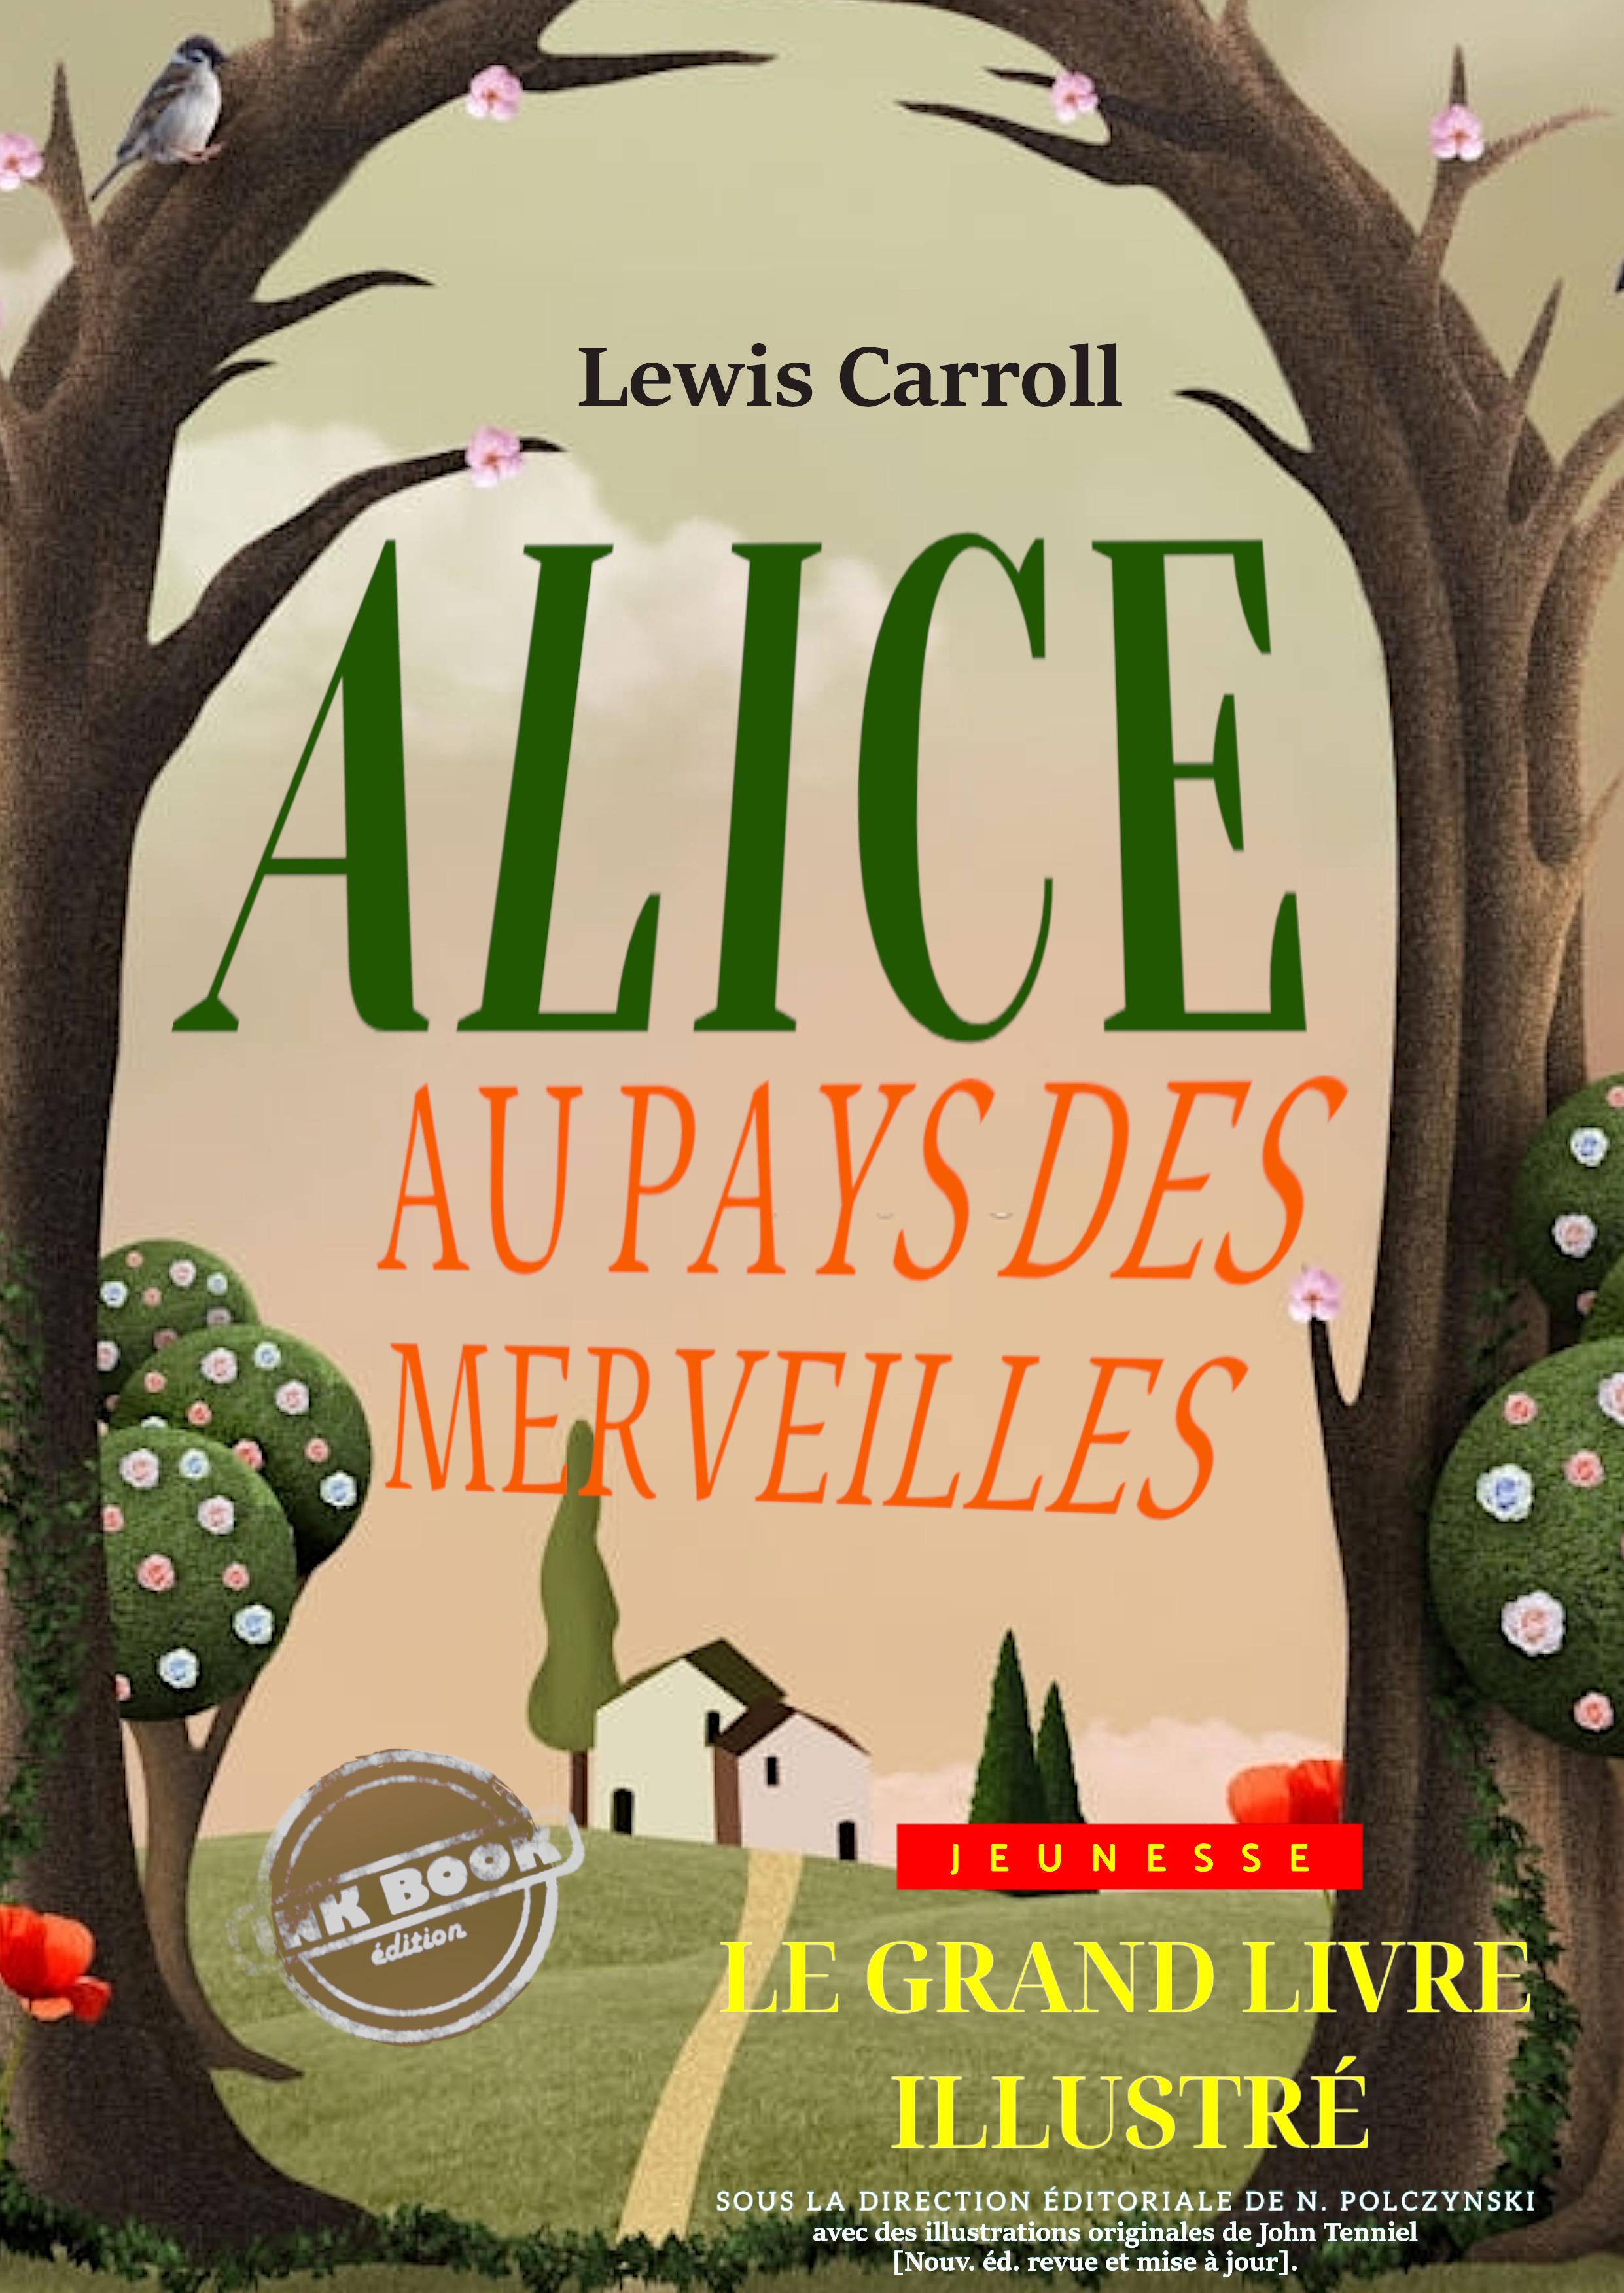 Alice au pays des merveilles - Texte complet et annoté, précédé d'une préface en vers de Lewis Carrol, et avec des illustrations originales de John Tenniel [nouv. éd. entièrement revue et corrigée].